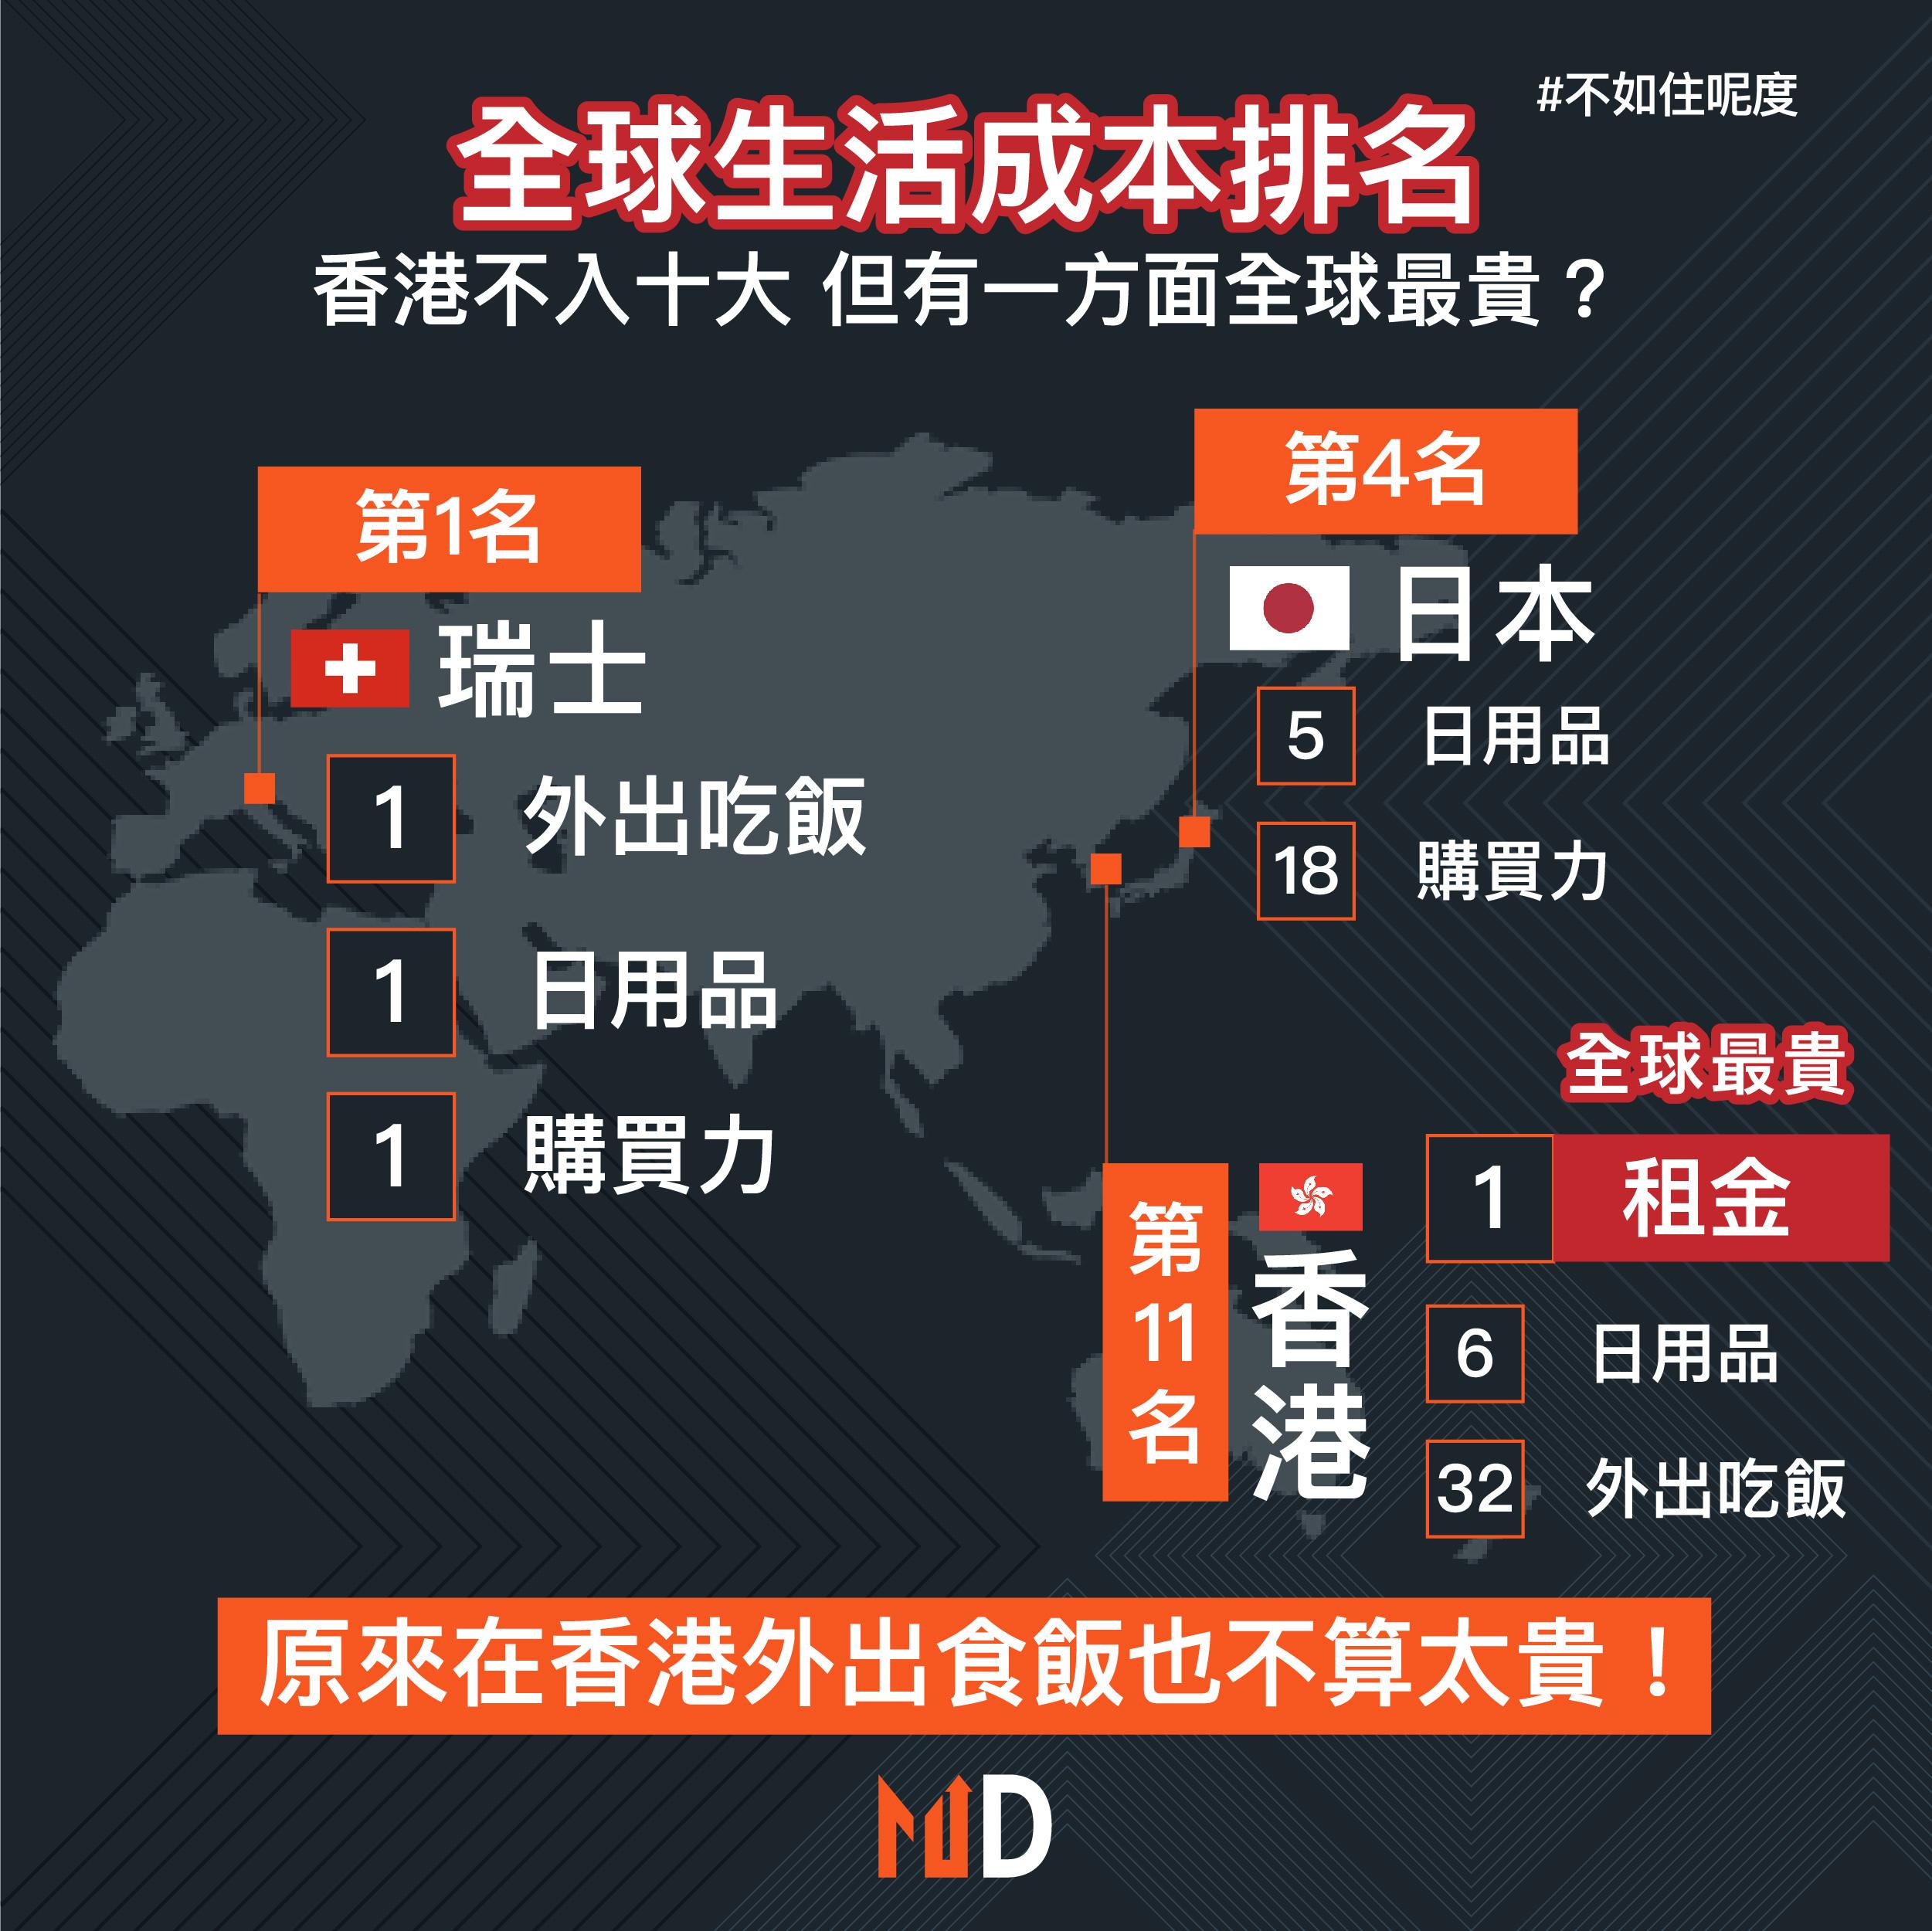 【海外樓市探索】全球生活成本排名,香港不入十大但有一方面全球最貴?